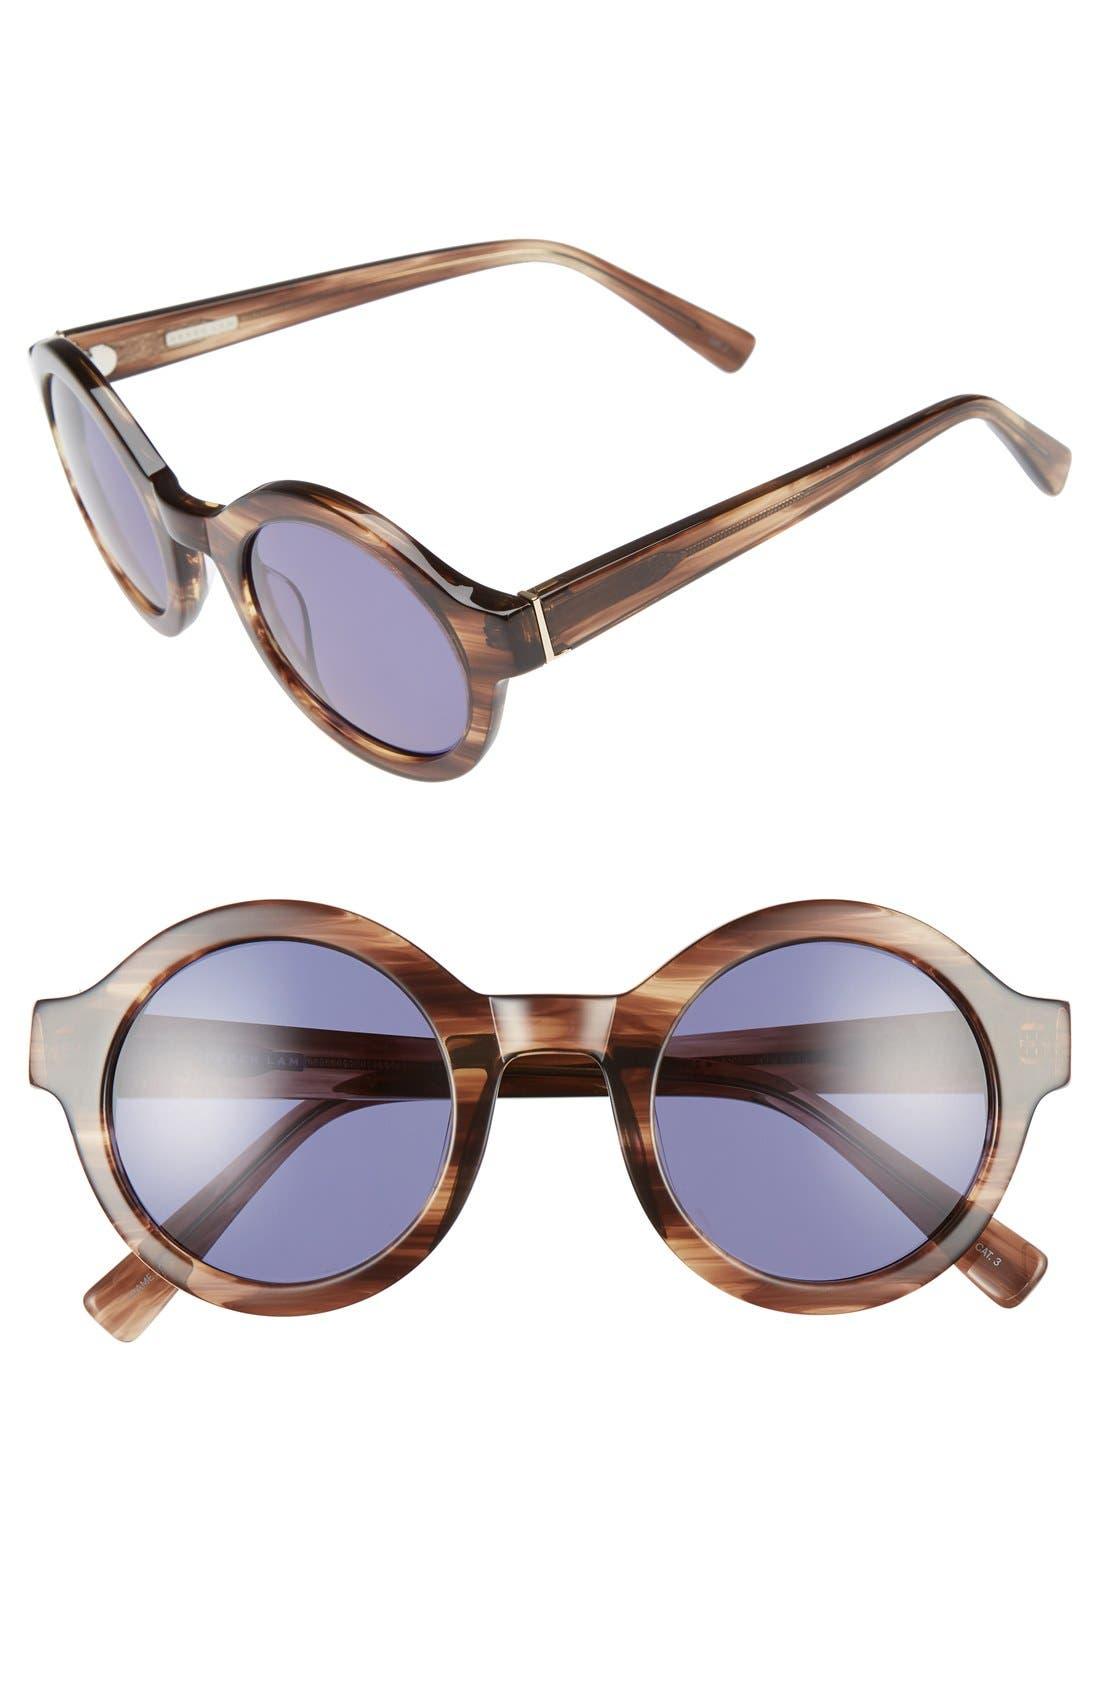 Main Image - Derek Lam 'Luna' 47mm Round Sunglasses